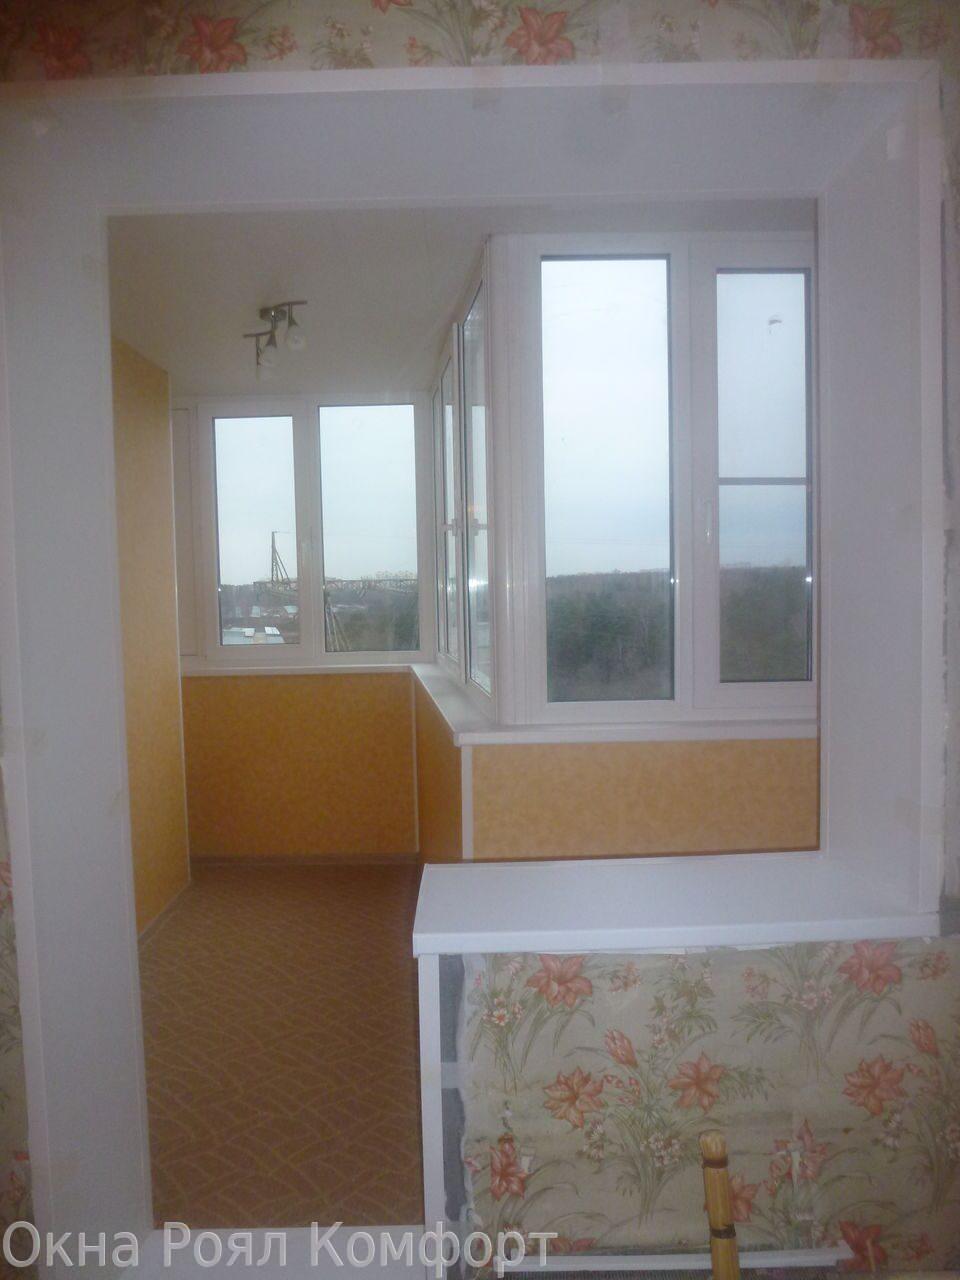 Остекление балкона п-3.